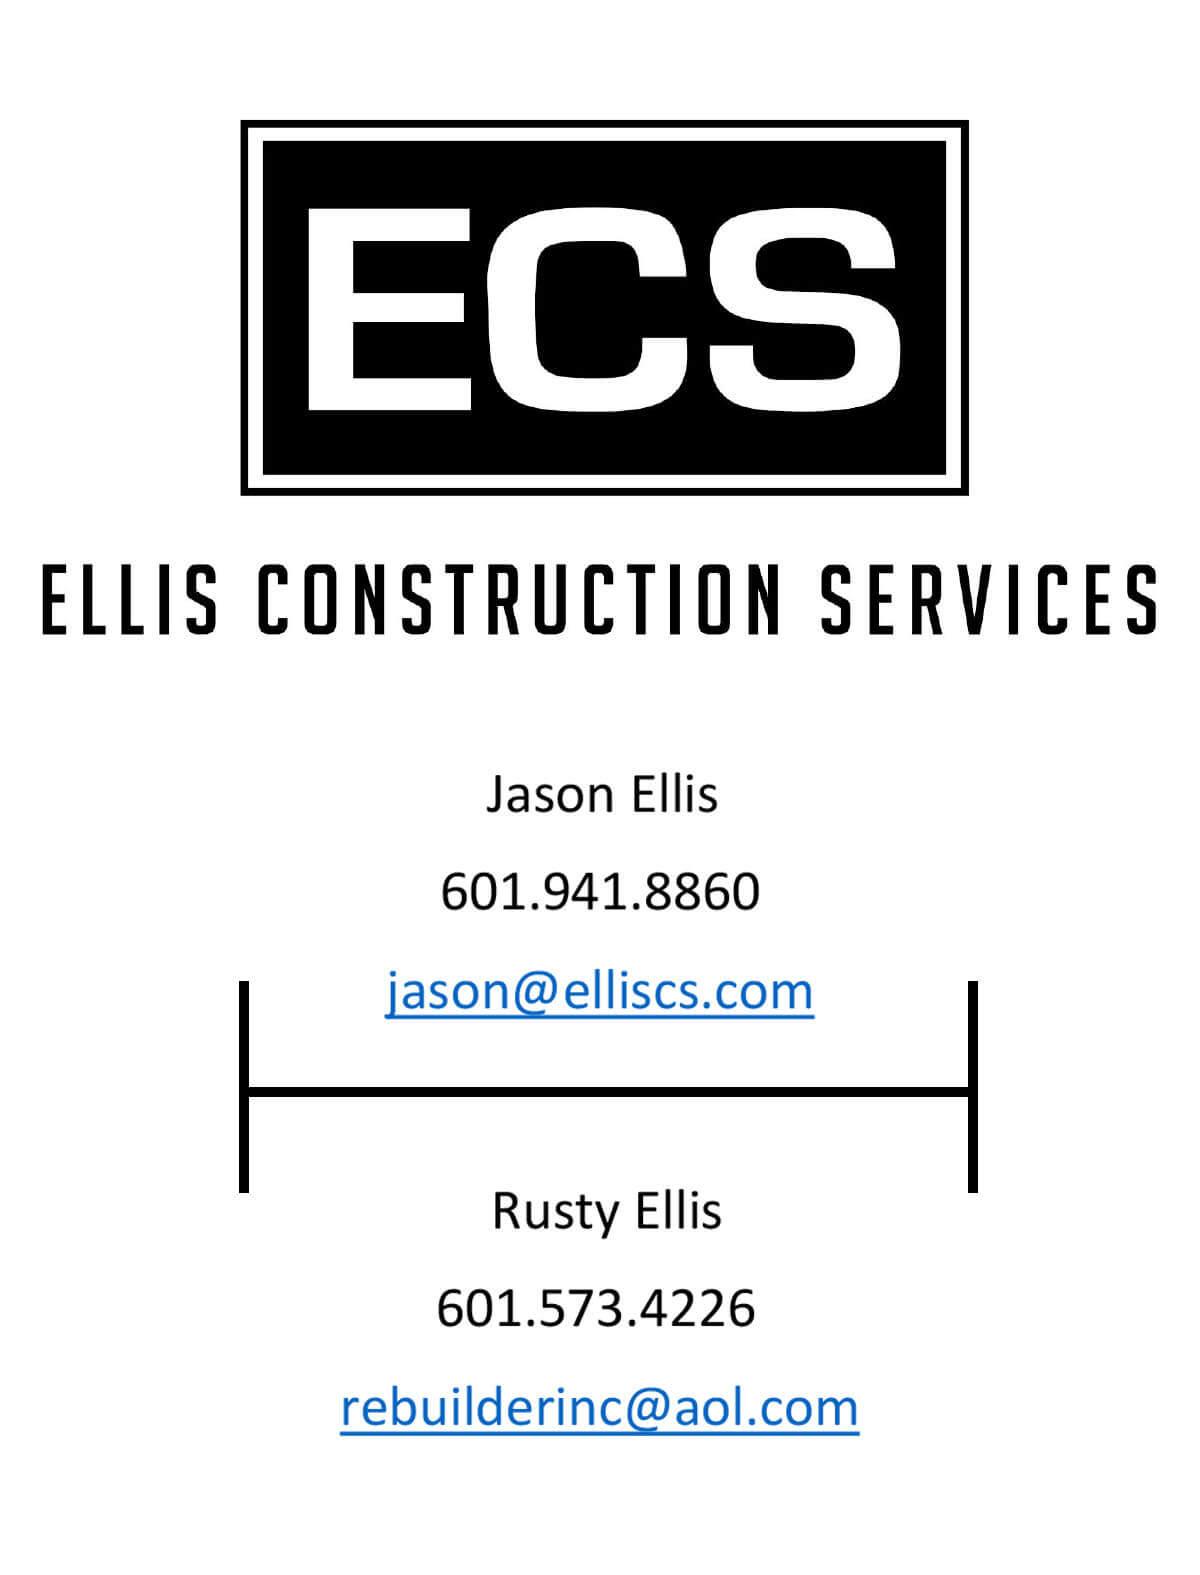 Ellis Construction Services ad